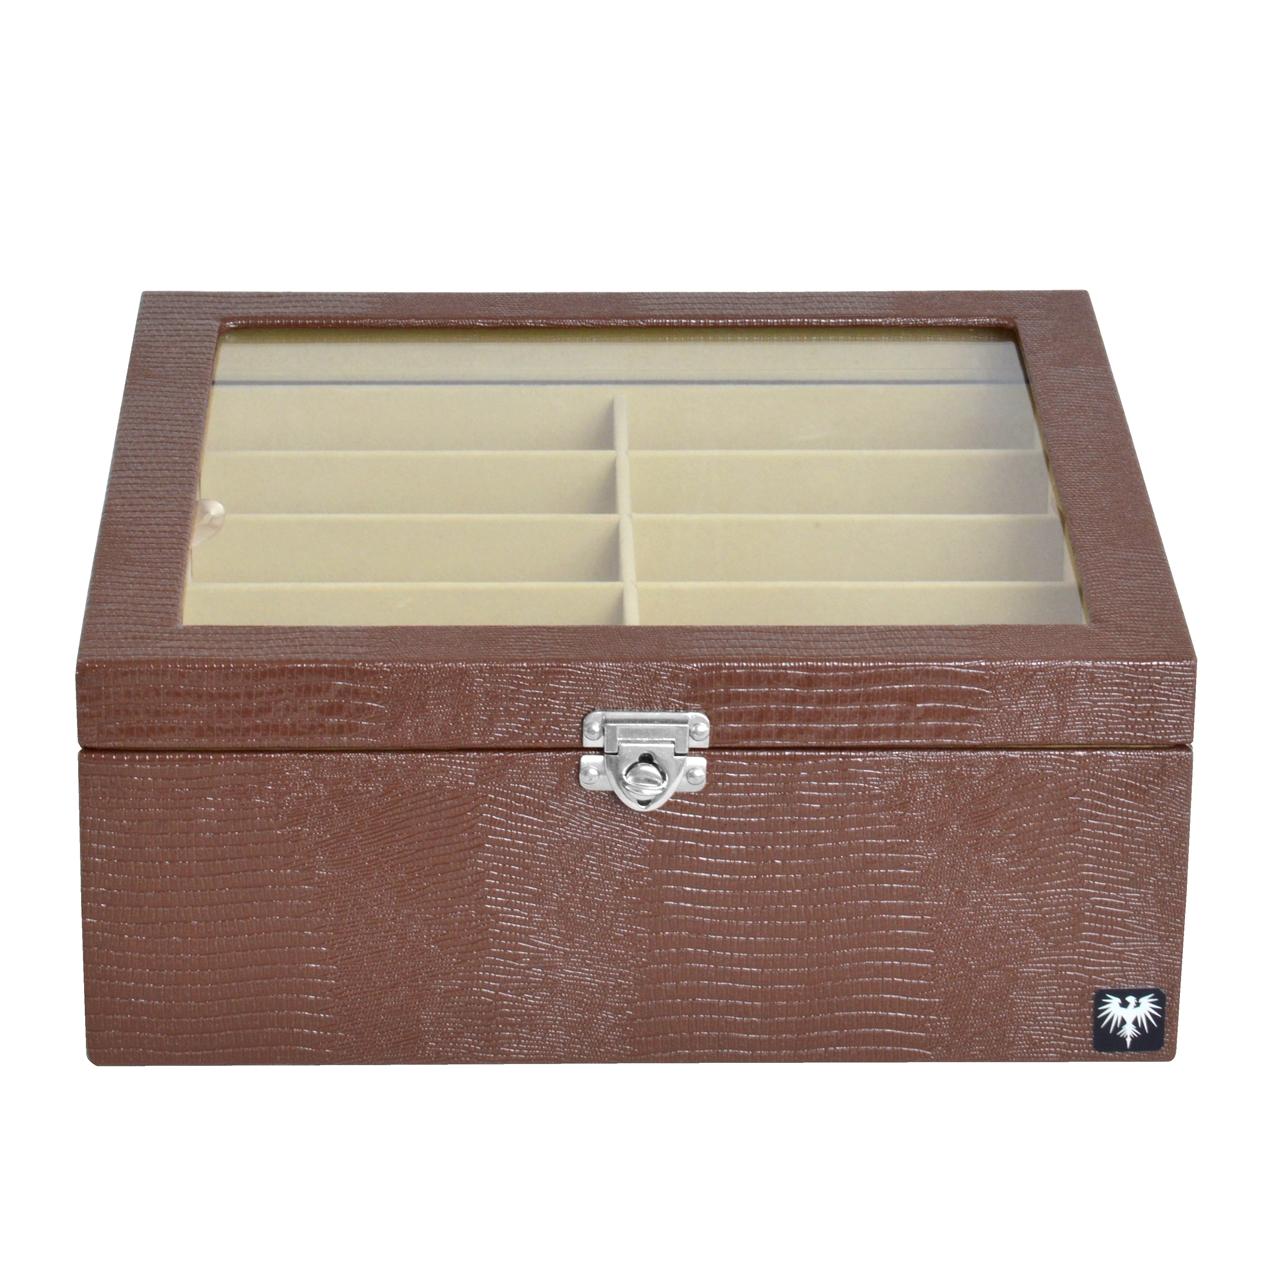 estojo-couro-ecologico-20-oculos-marrom-bege-porta-caixa-imagem-4.jpg